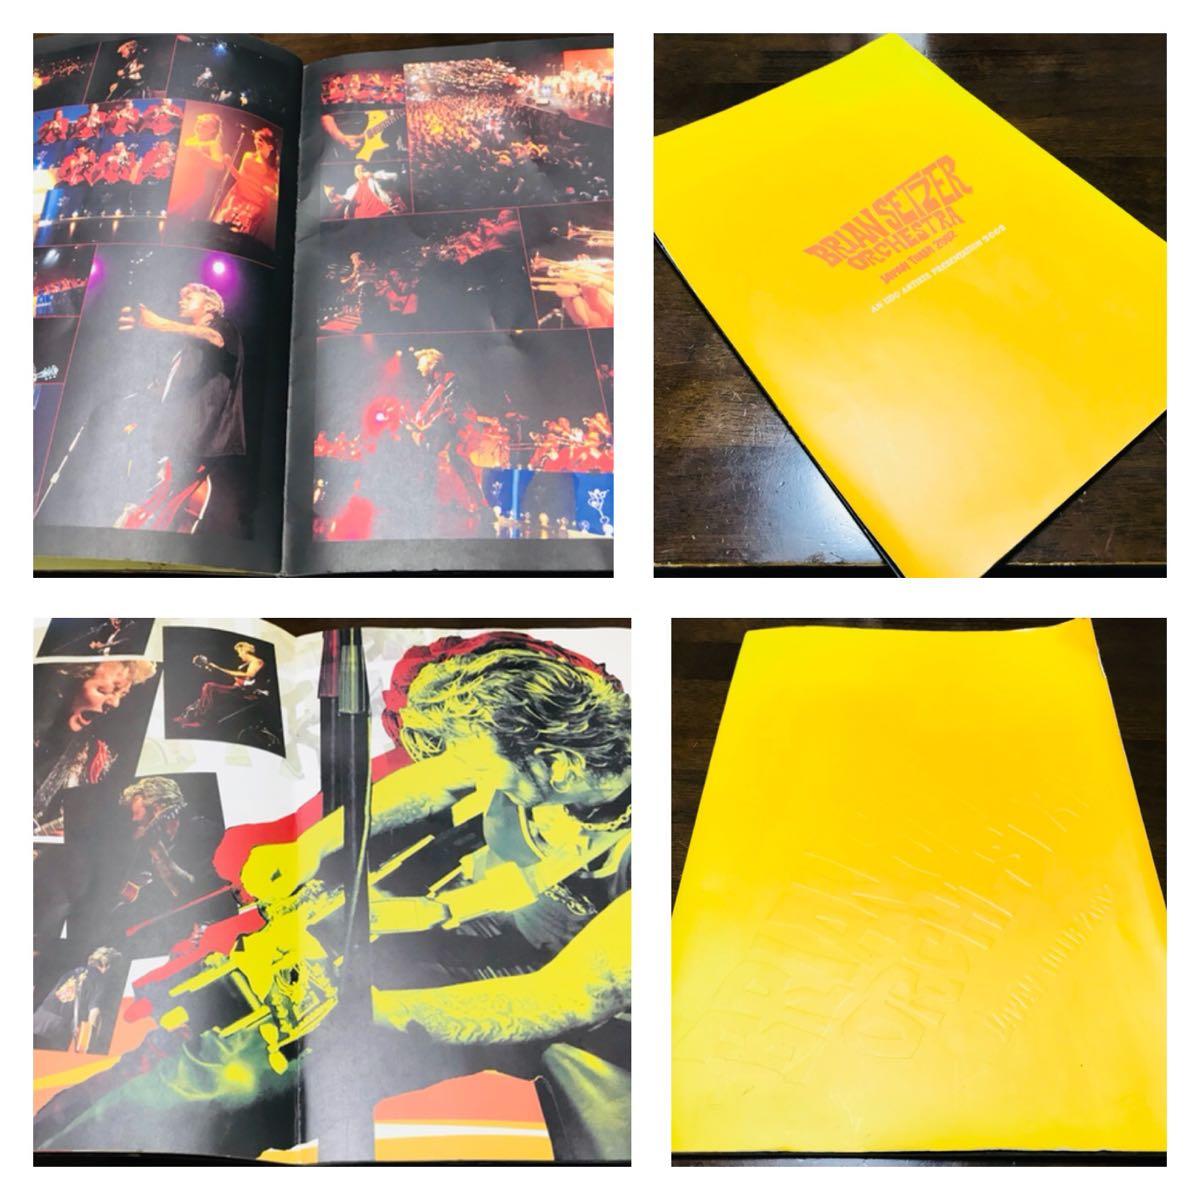 ブライアンセッツァー オーケストラ ジャパンツアー2002 公式パンフレット ストレイキャッツ